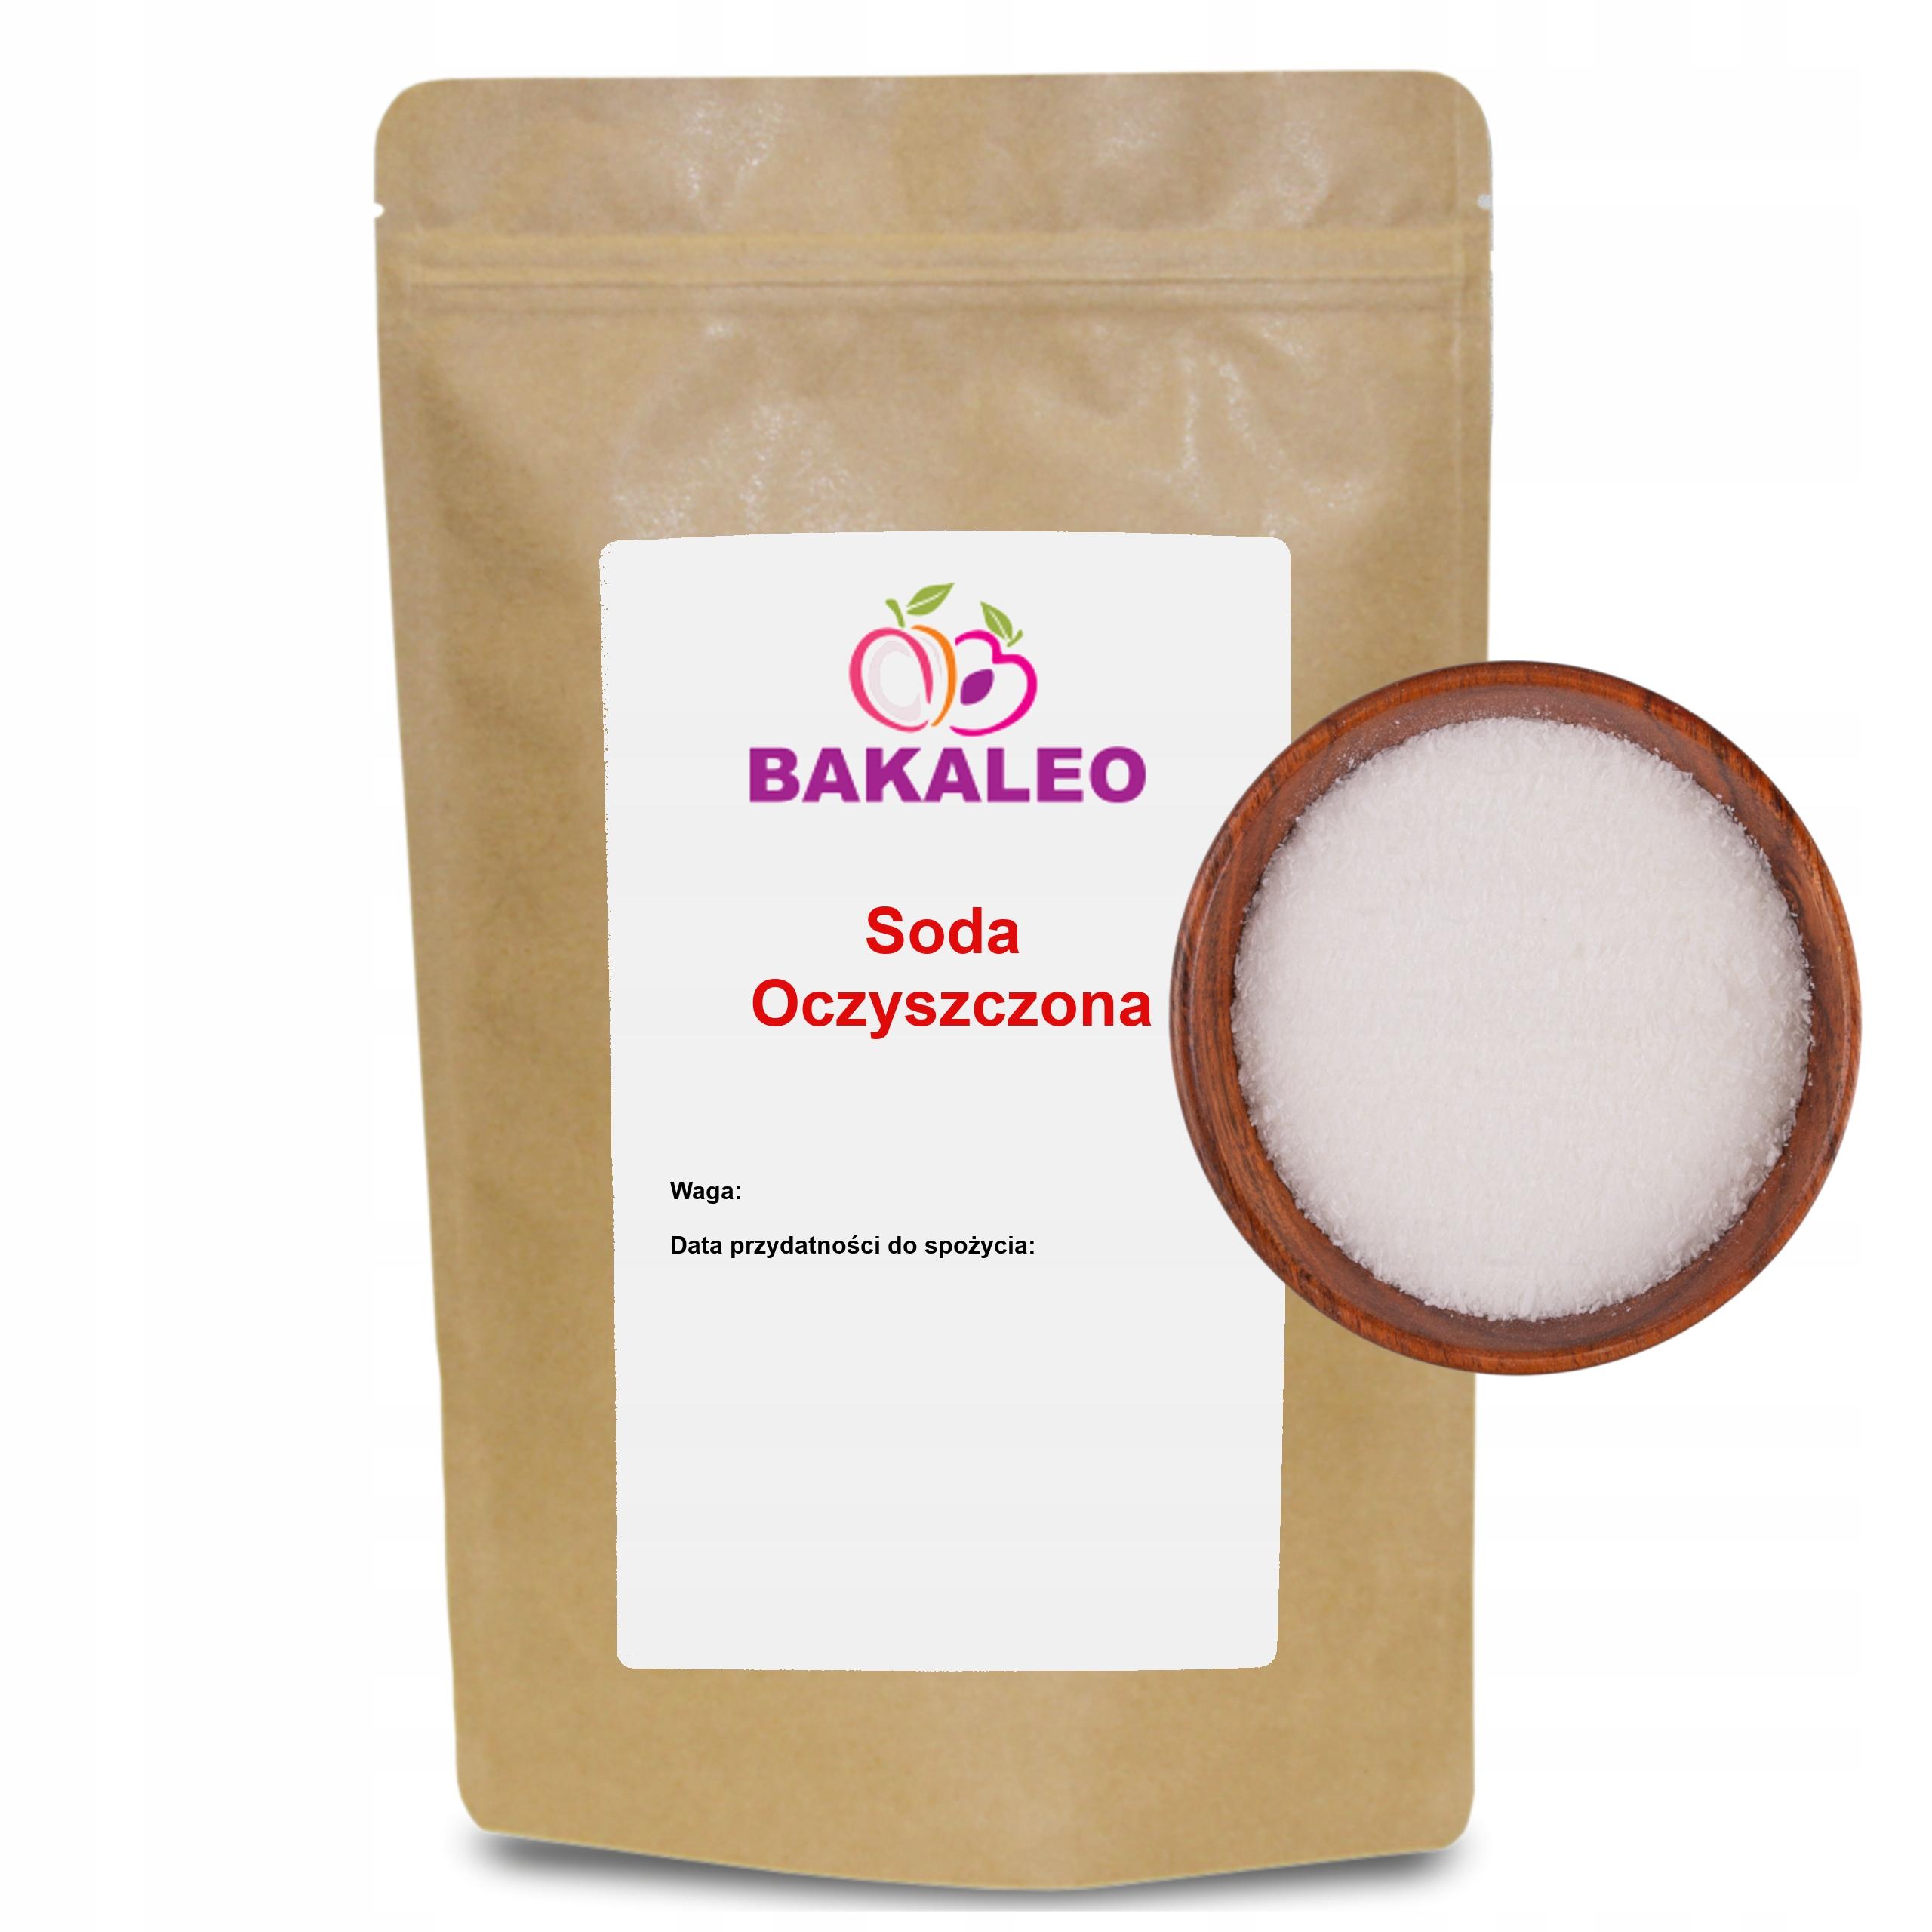 Сода пищевая, натрия гидрокарбонат 1 кг